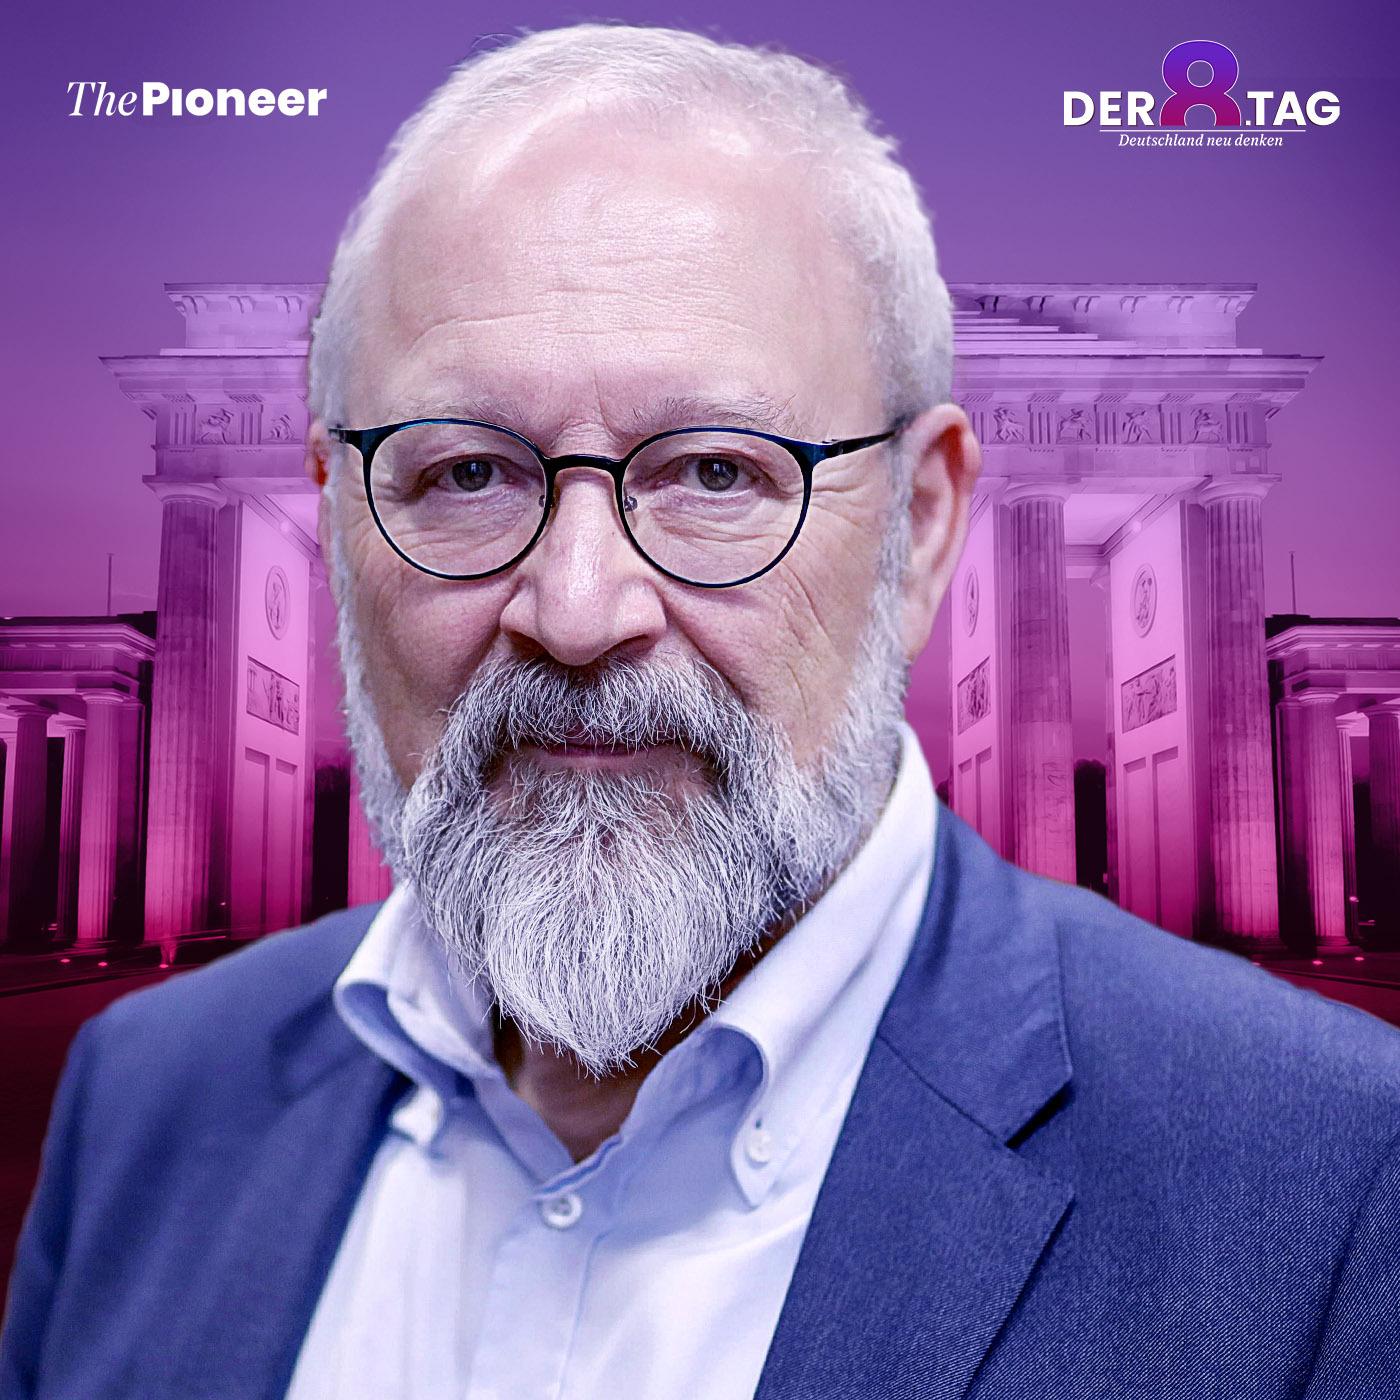 Der achte Tag #42 - Prof. Dr. Herfried Münkler: Räume der Autarkie schaffen